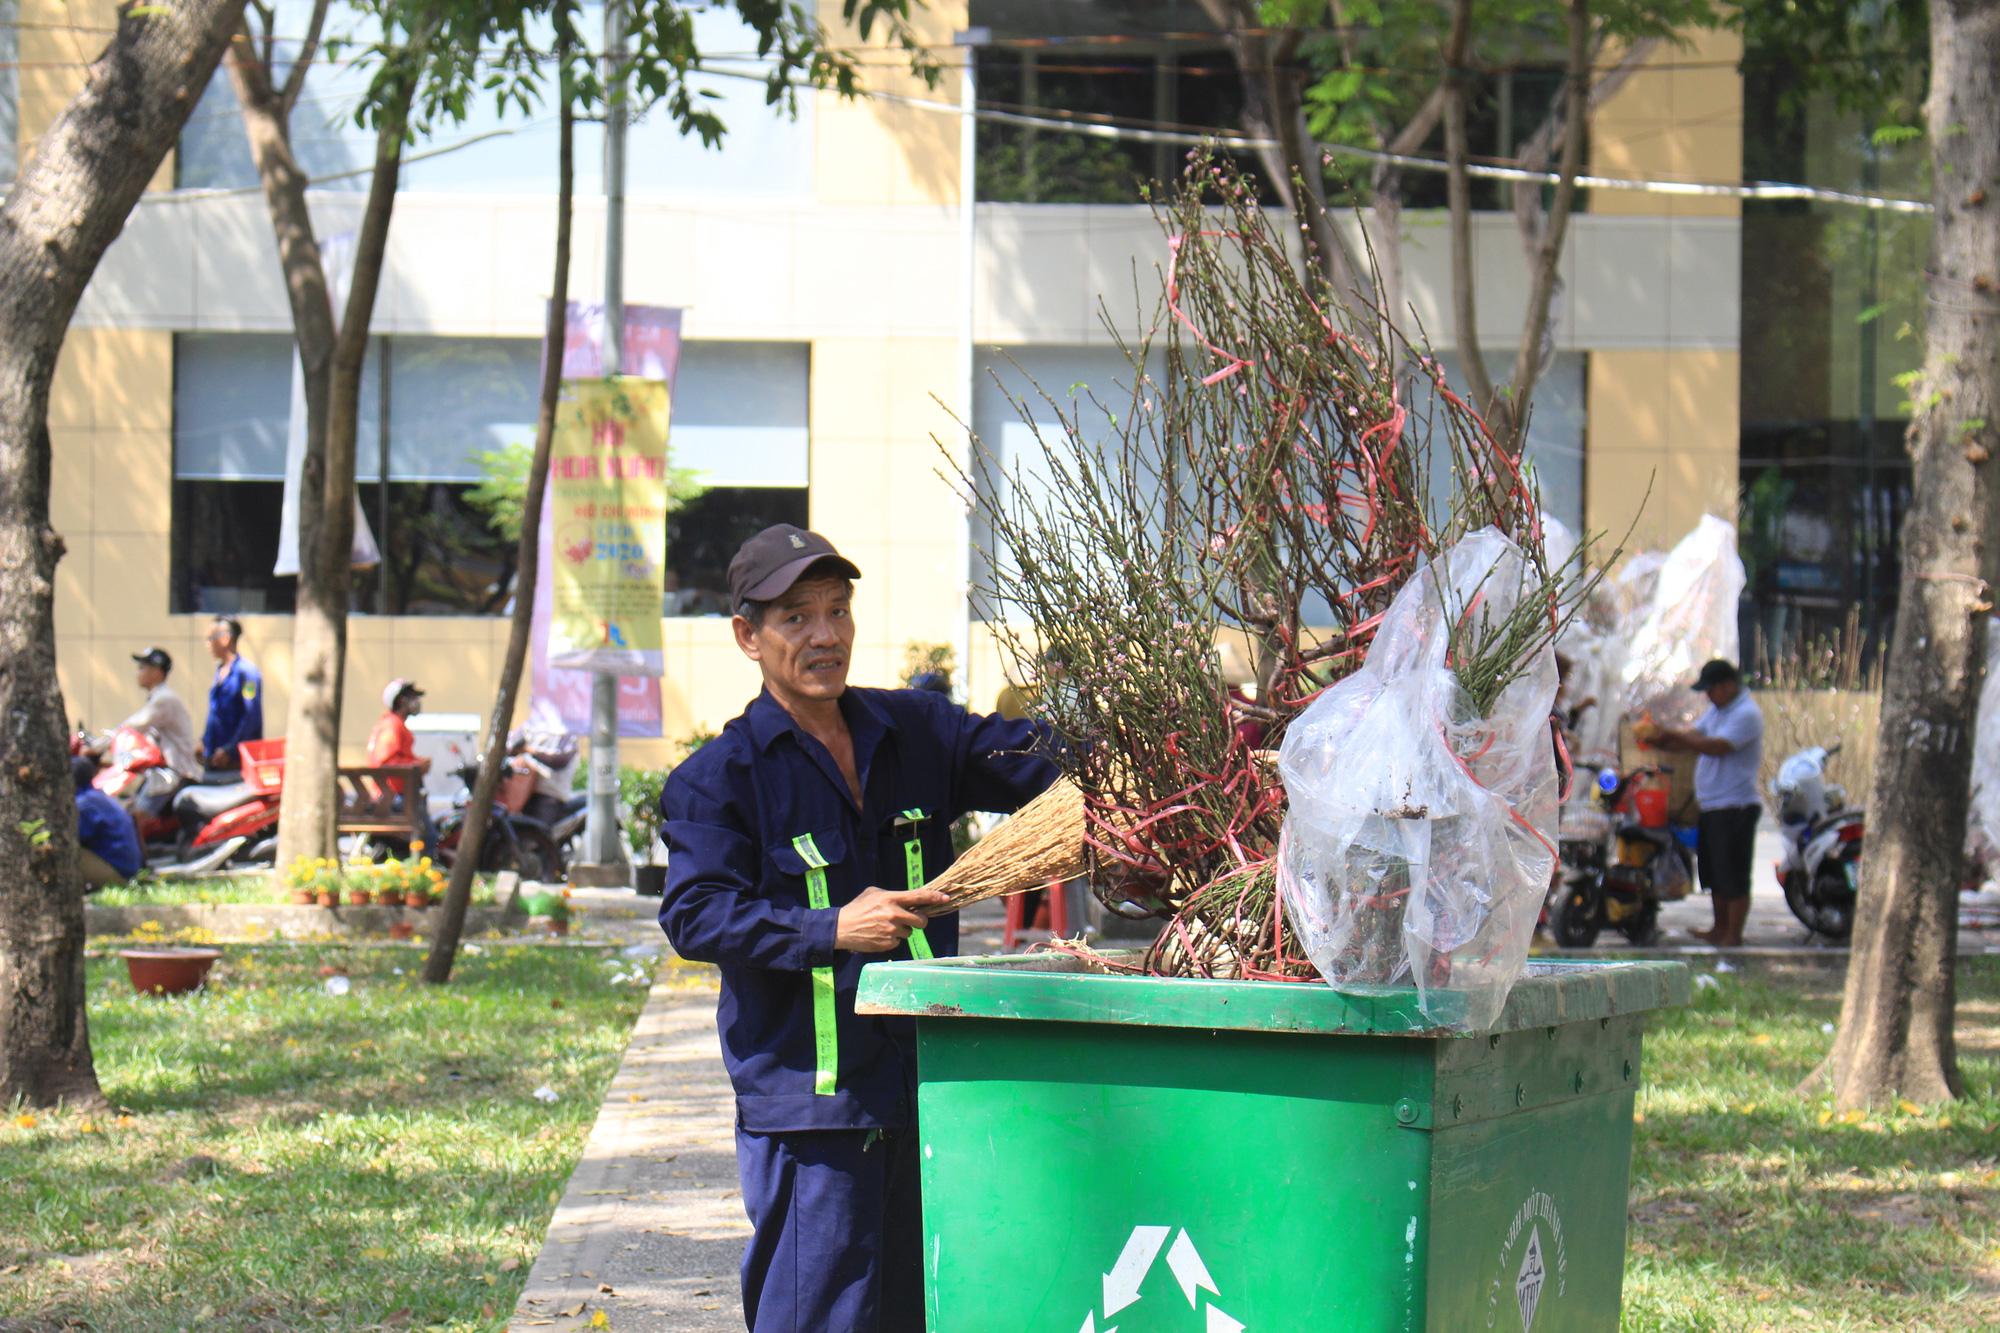 Đập nát hoa trước quăng lên xe rác ở Sài Gòn trưa 30 Tết - Ảnh 13.